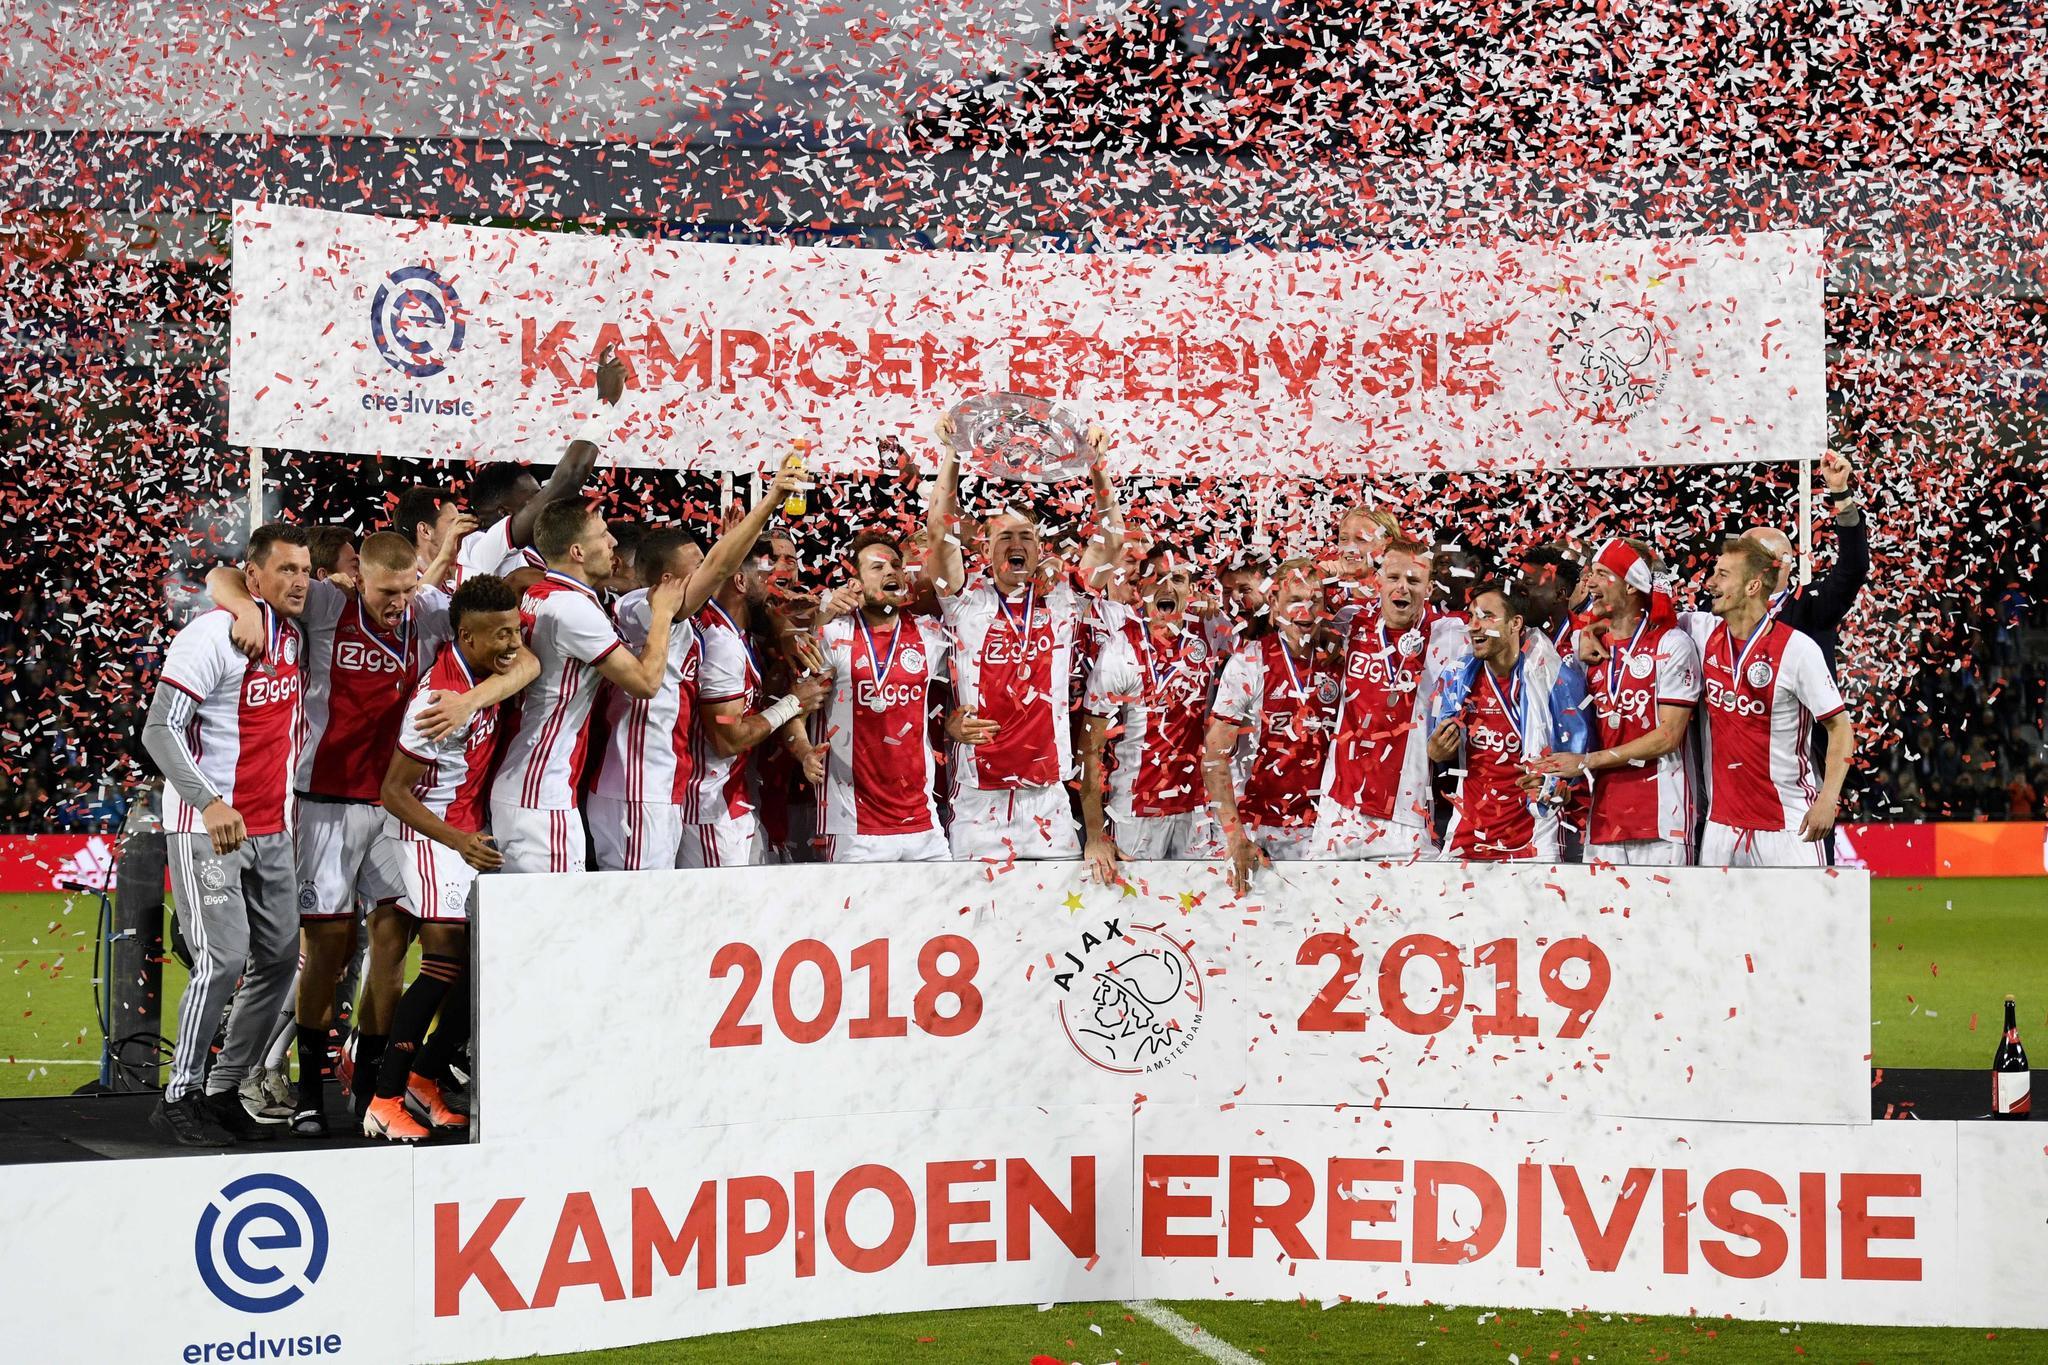 73475229. DOETINCHEM (HOLANDA), 15/05/2019.- Jugadores de <HIT>Ajax</HIT> Amsterdam celebran su victoria el Eredivisie holandés tras el juego entre De Graafschap Doetinchem y <HIT>Ajax</HIT> Amsterdam, en Doetinchem, Holanda, 15 de mayo de 2019. EFE / OLAF KRAAK